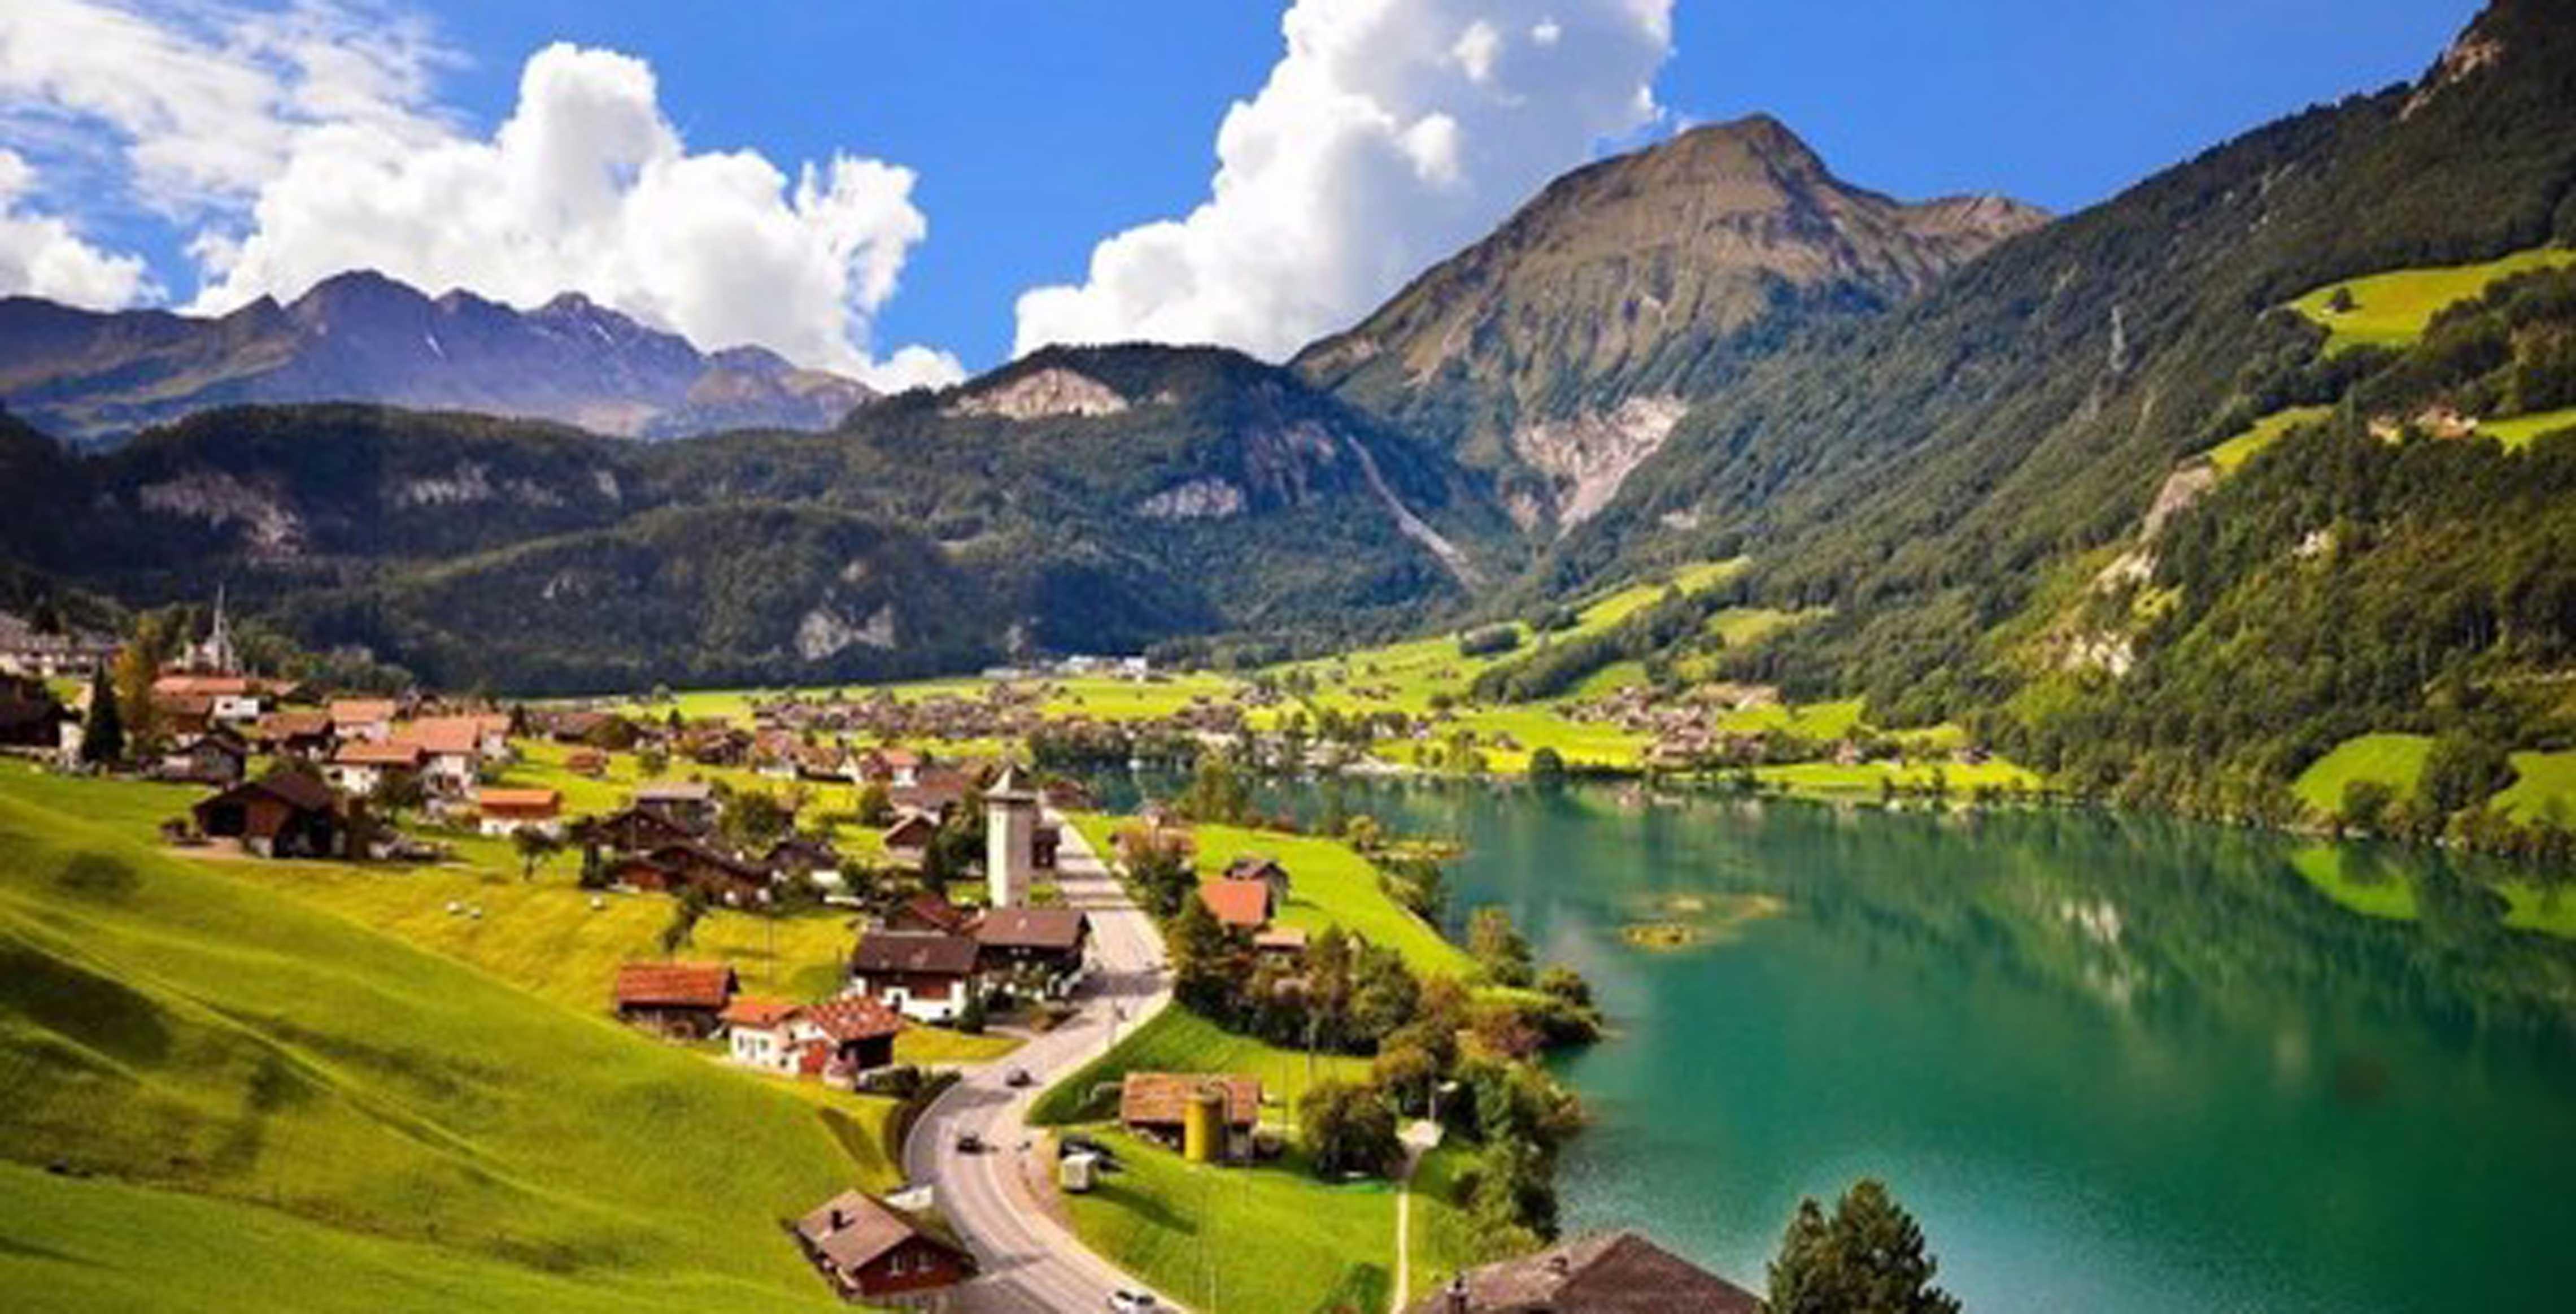 让杨洋、陈柏霖去瑞士的原因不是风景,而是…